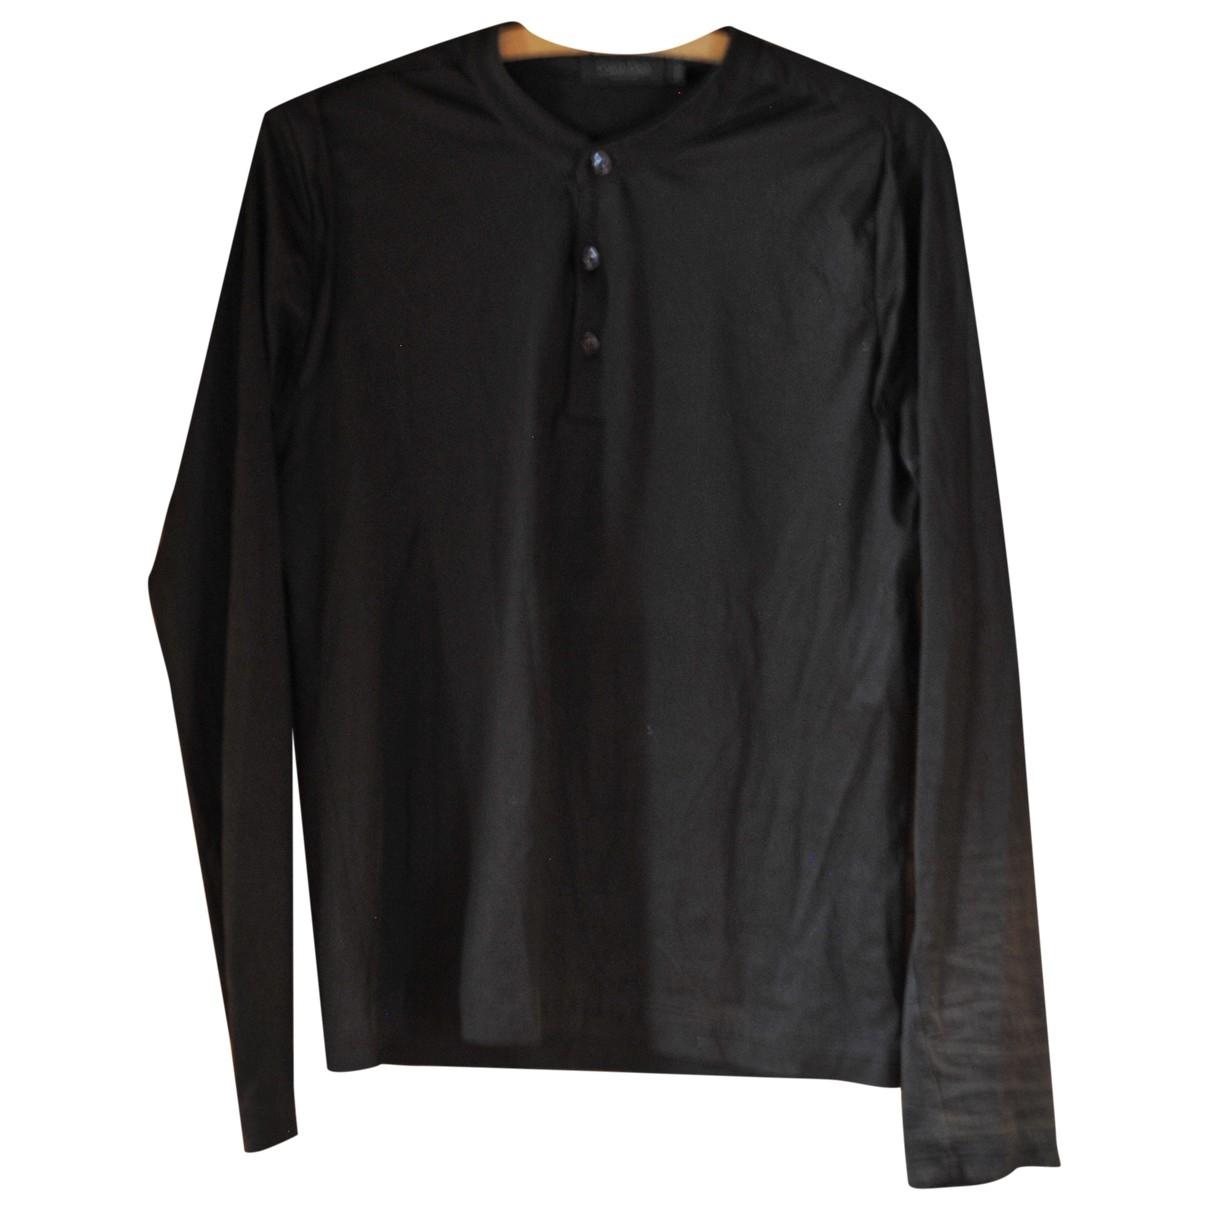 Calvin Klein - Tee shirts   pour homme en coton - marron